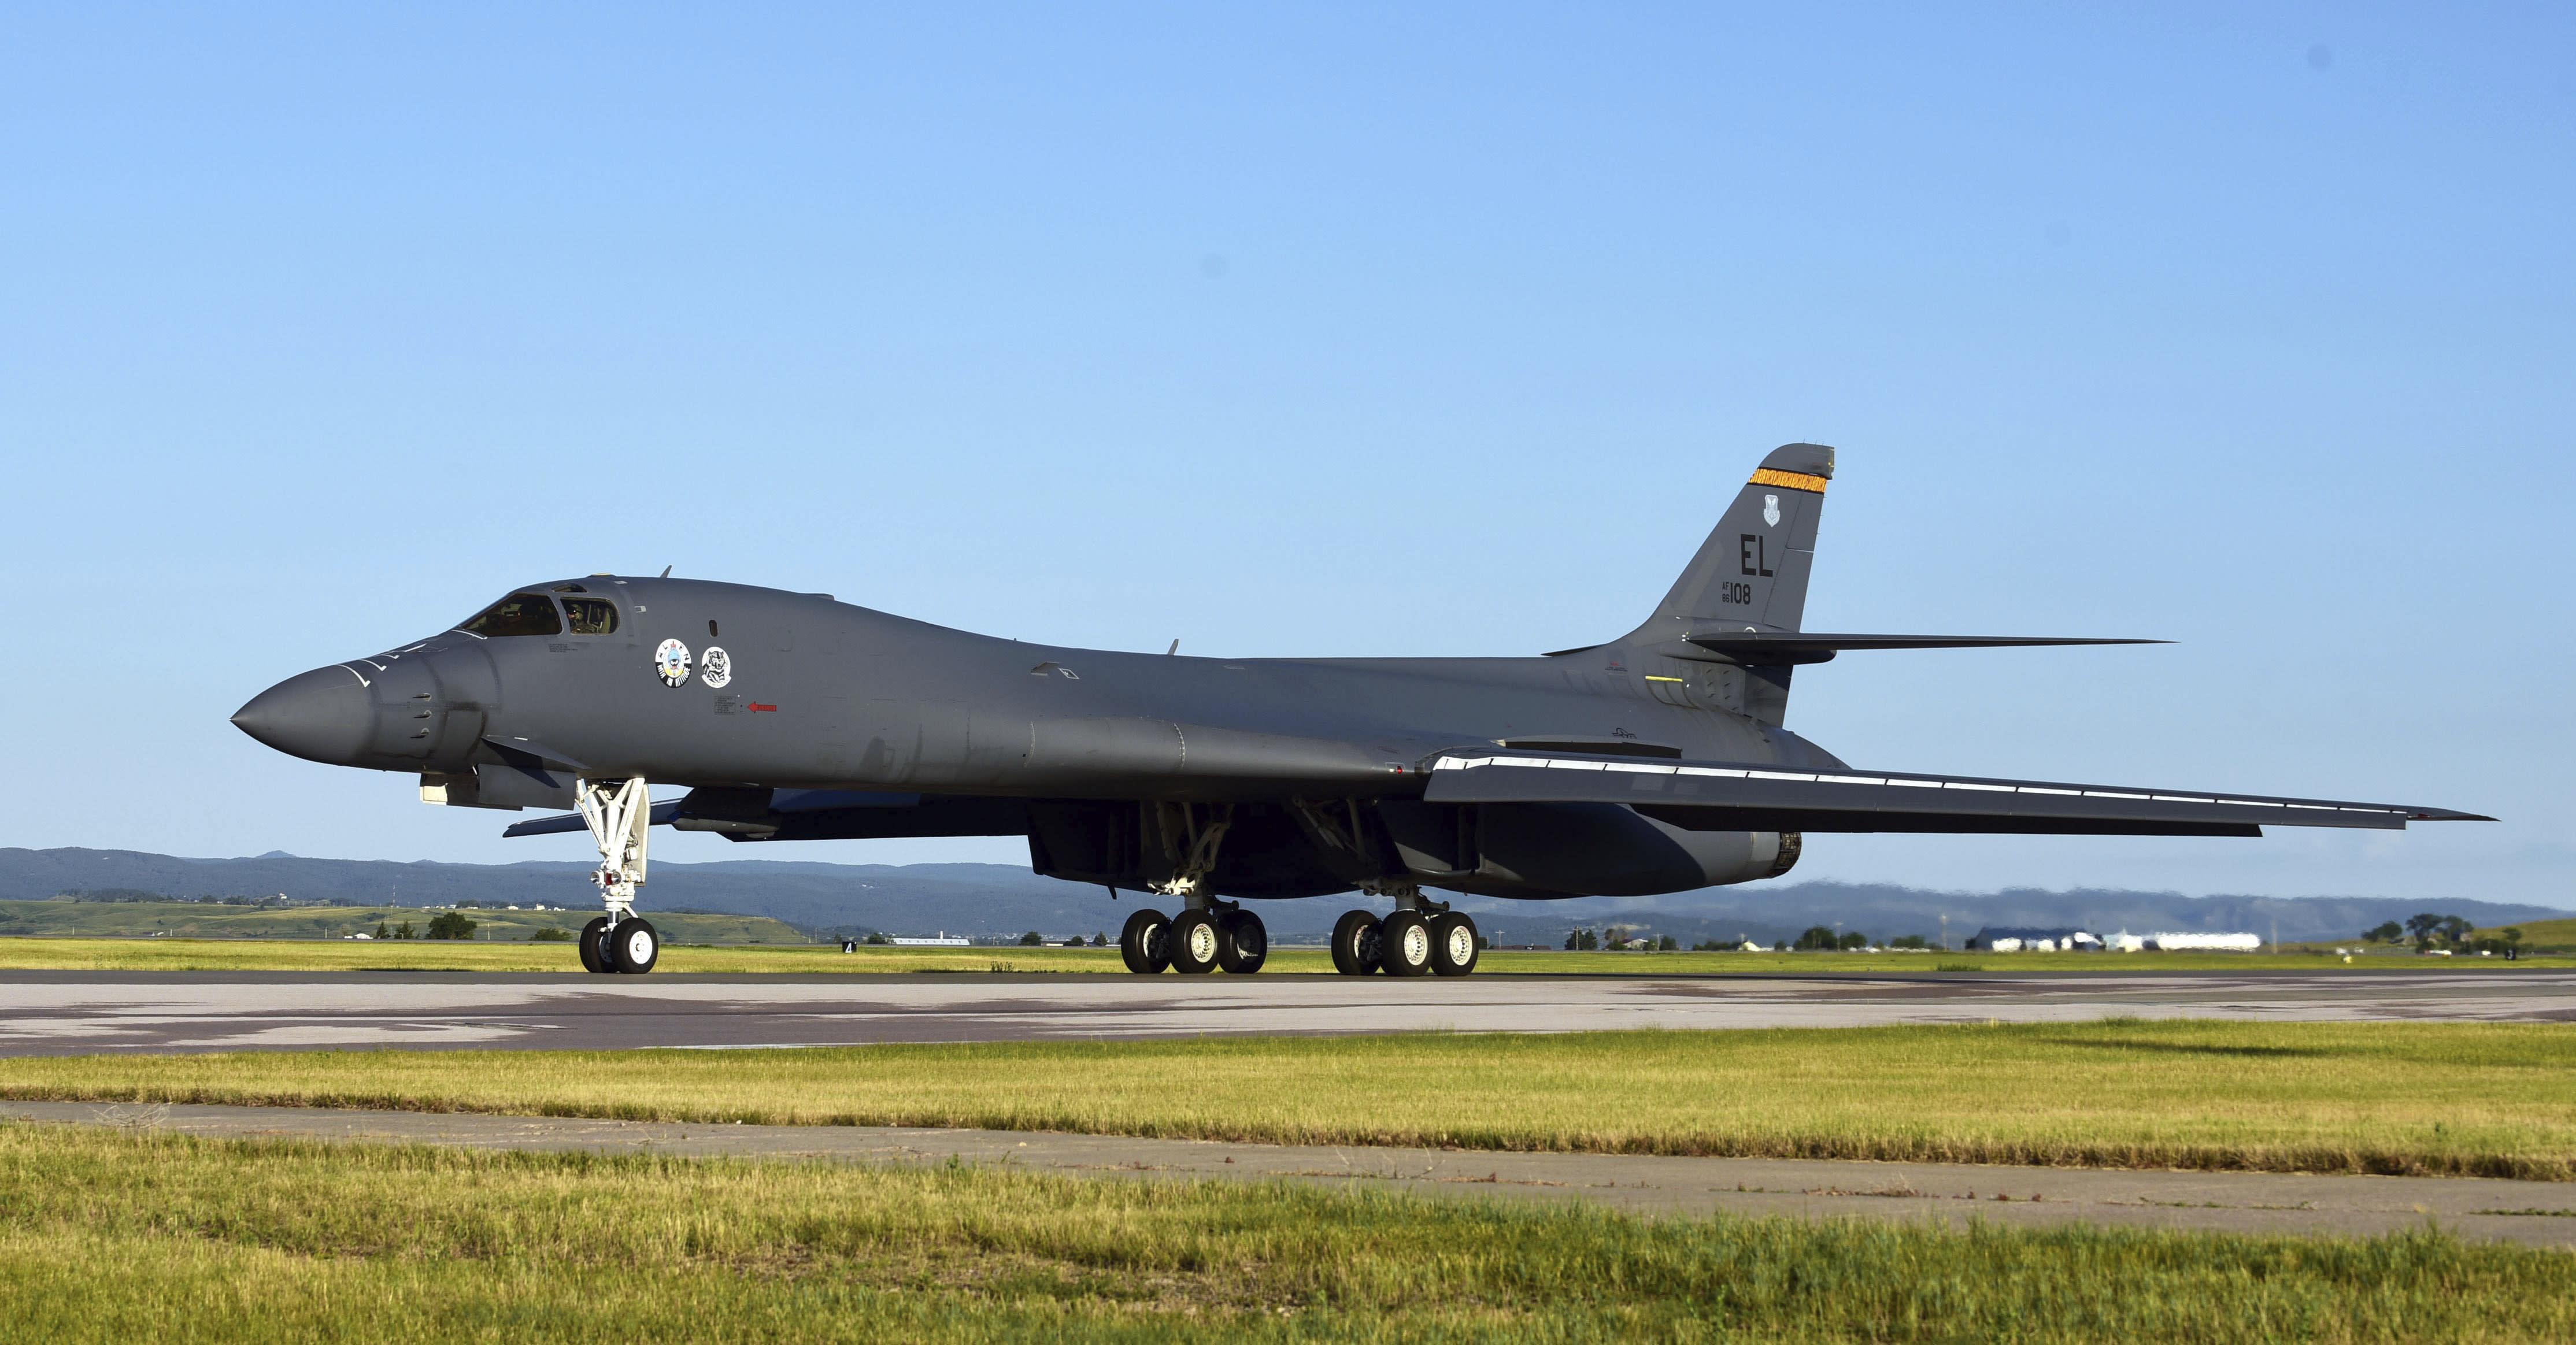 """2020年7月16日,星期四,一架B-1B持枪骑兵在美国埃尔斯沃思空军基地的飞行路线上被指派给第37轰炸中队的士。美国空军在俄罗斯北部以东的西伯利亚海域上空飞行了三架B-1重型轰炸机。在远东地区,军方周五表示,这是最近演习的一部分,目的是证明美国的能力和支持盟国的能力,但俄罗斯指挥官称其为""""敌对和挑衅""""。 一周前,三架位于德克萨斯州的美国空军预备役B-1 Lancer轰炸机进行了飞行,一周前进行了类似的飞行任务,其中三架临时位于英国的B-52轰炸机在俄罗斯西翼附近的乌克兰领空飞行。 (美国空军,空军一等舱昆汀·K·马克思摄,通过美联社拍摄)"""